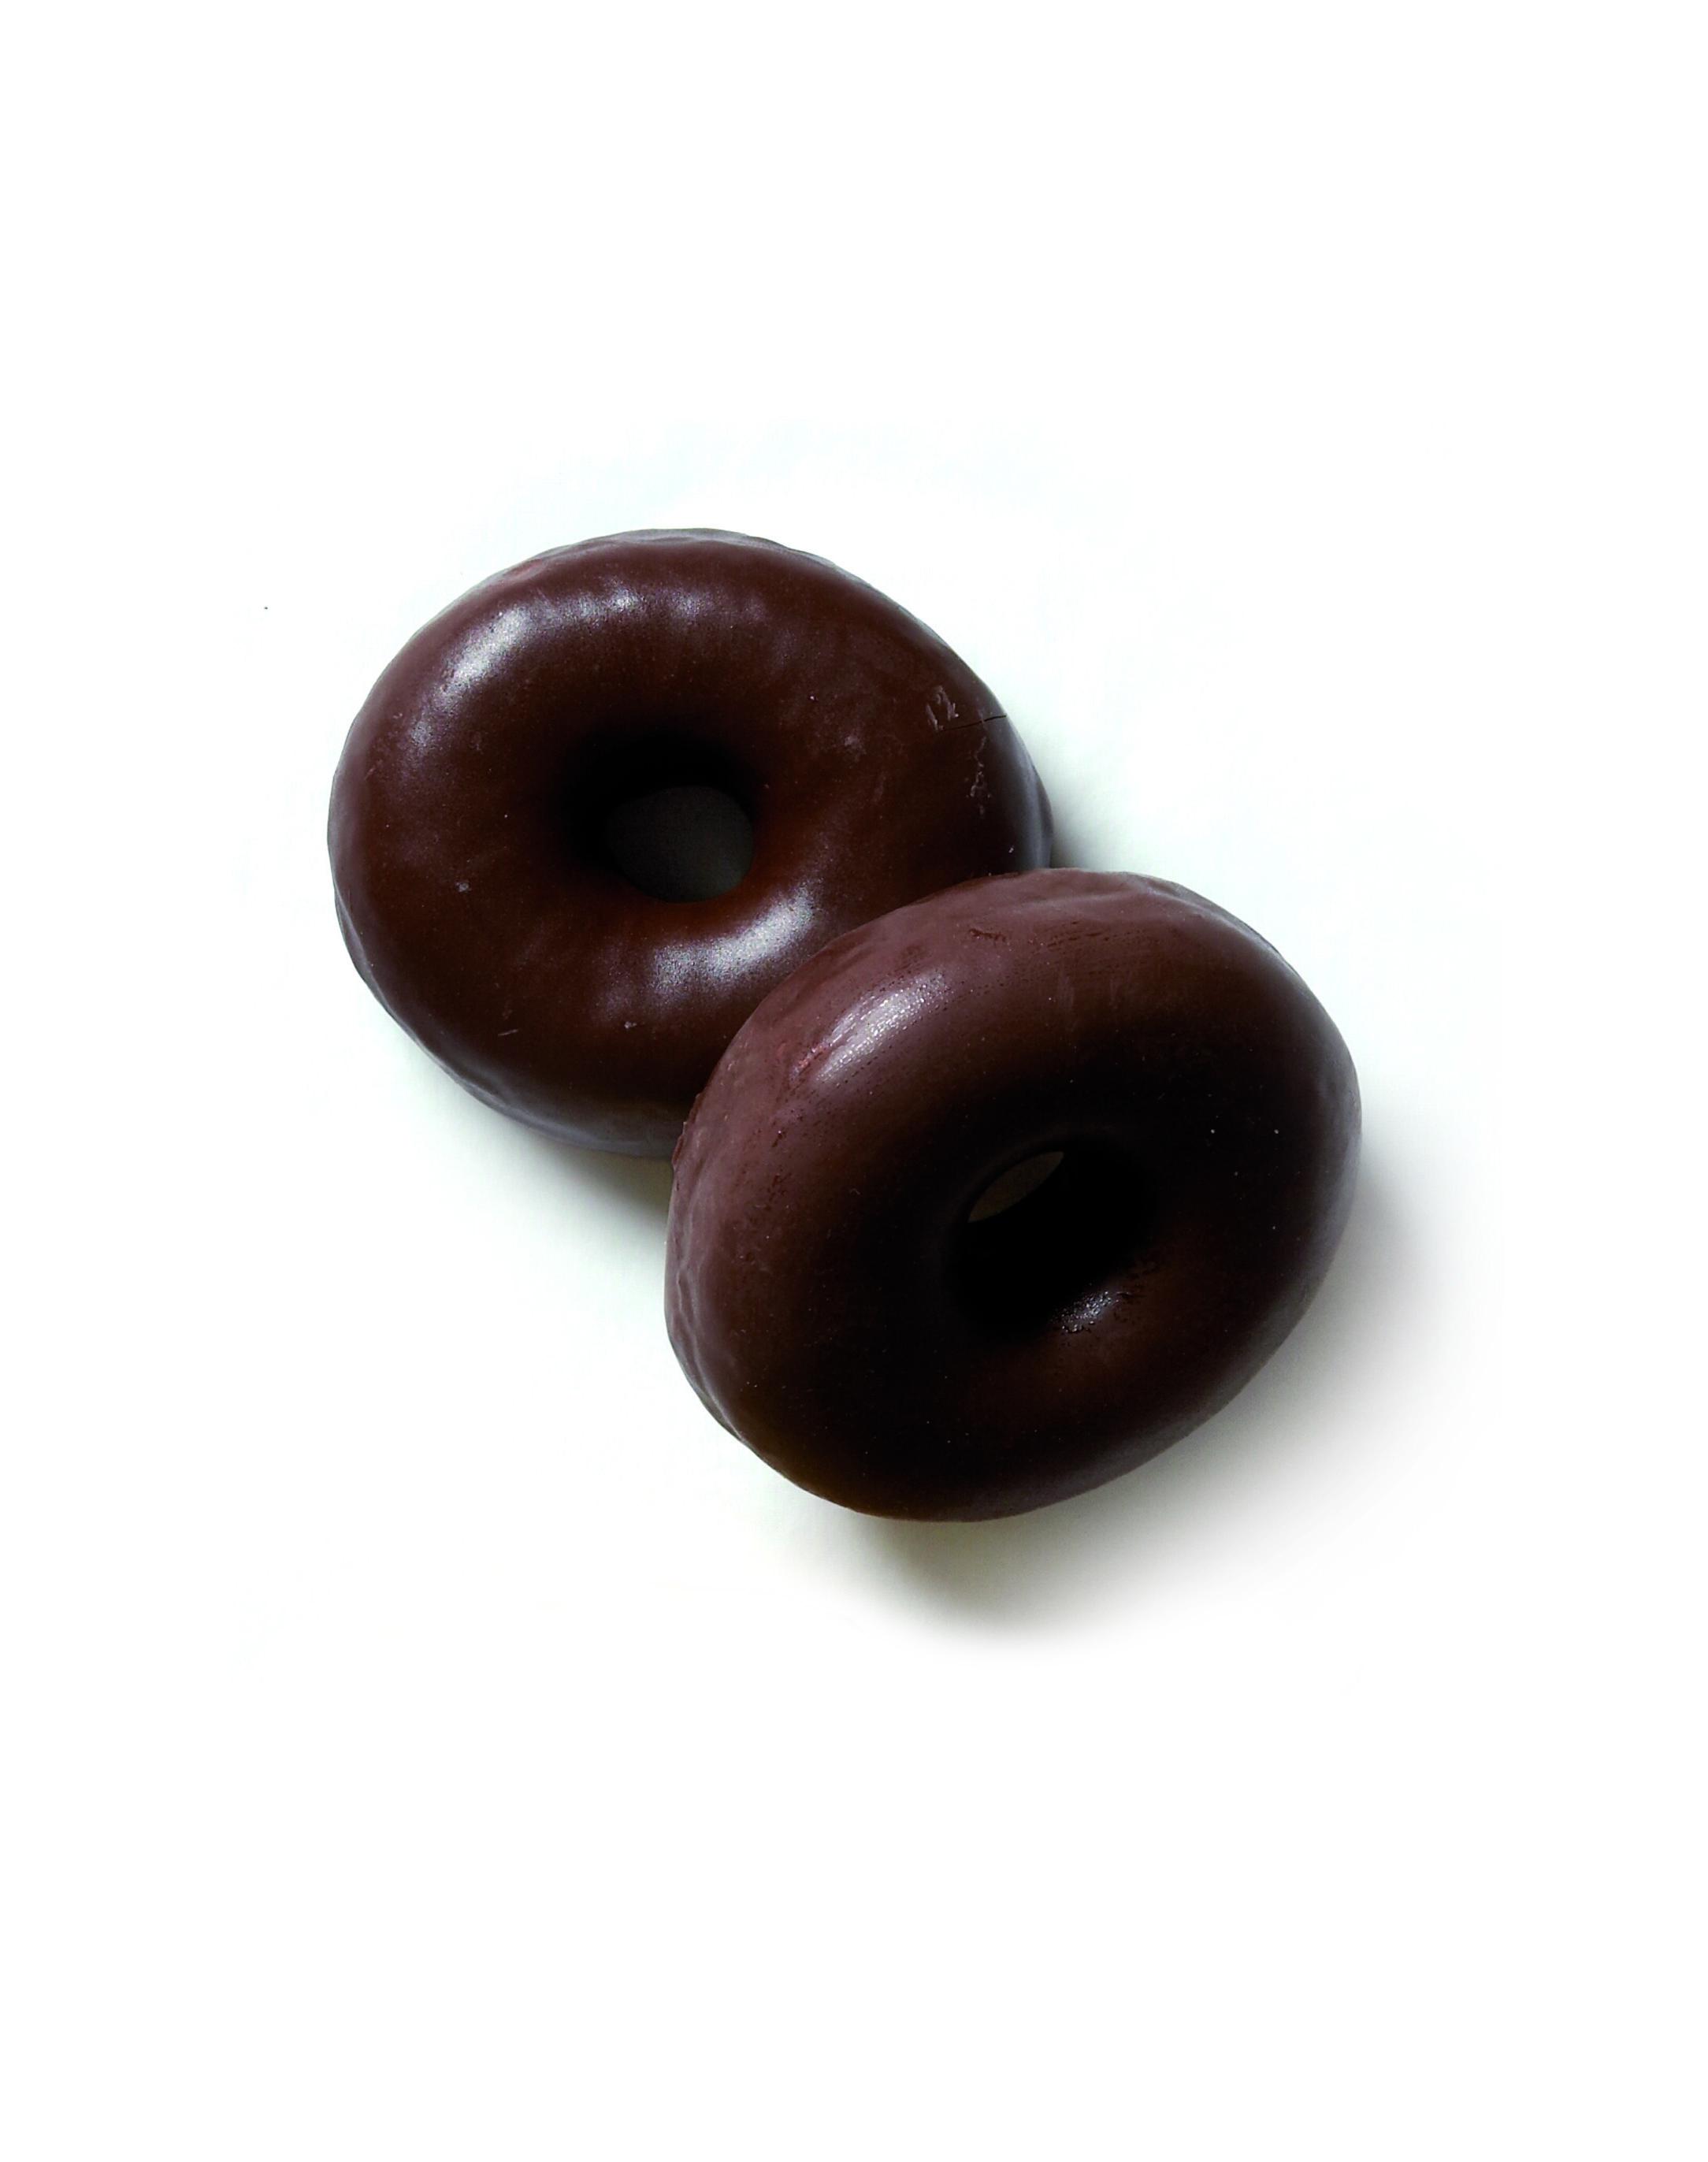 BELLNUT CHOCOLATE